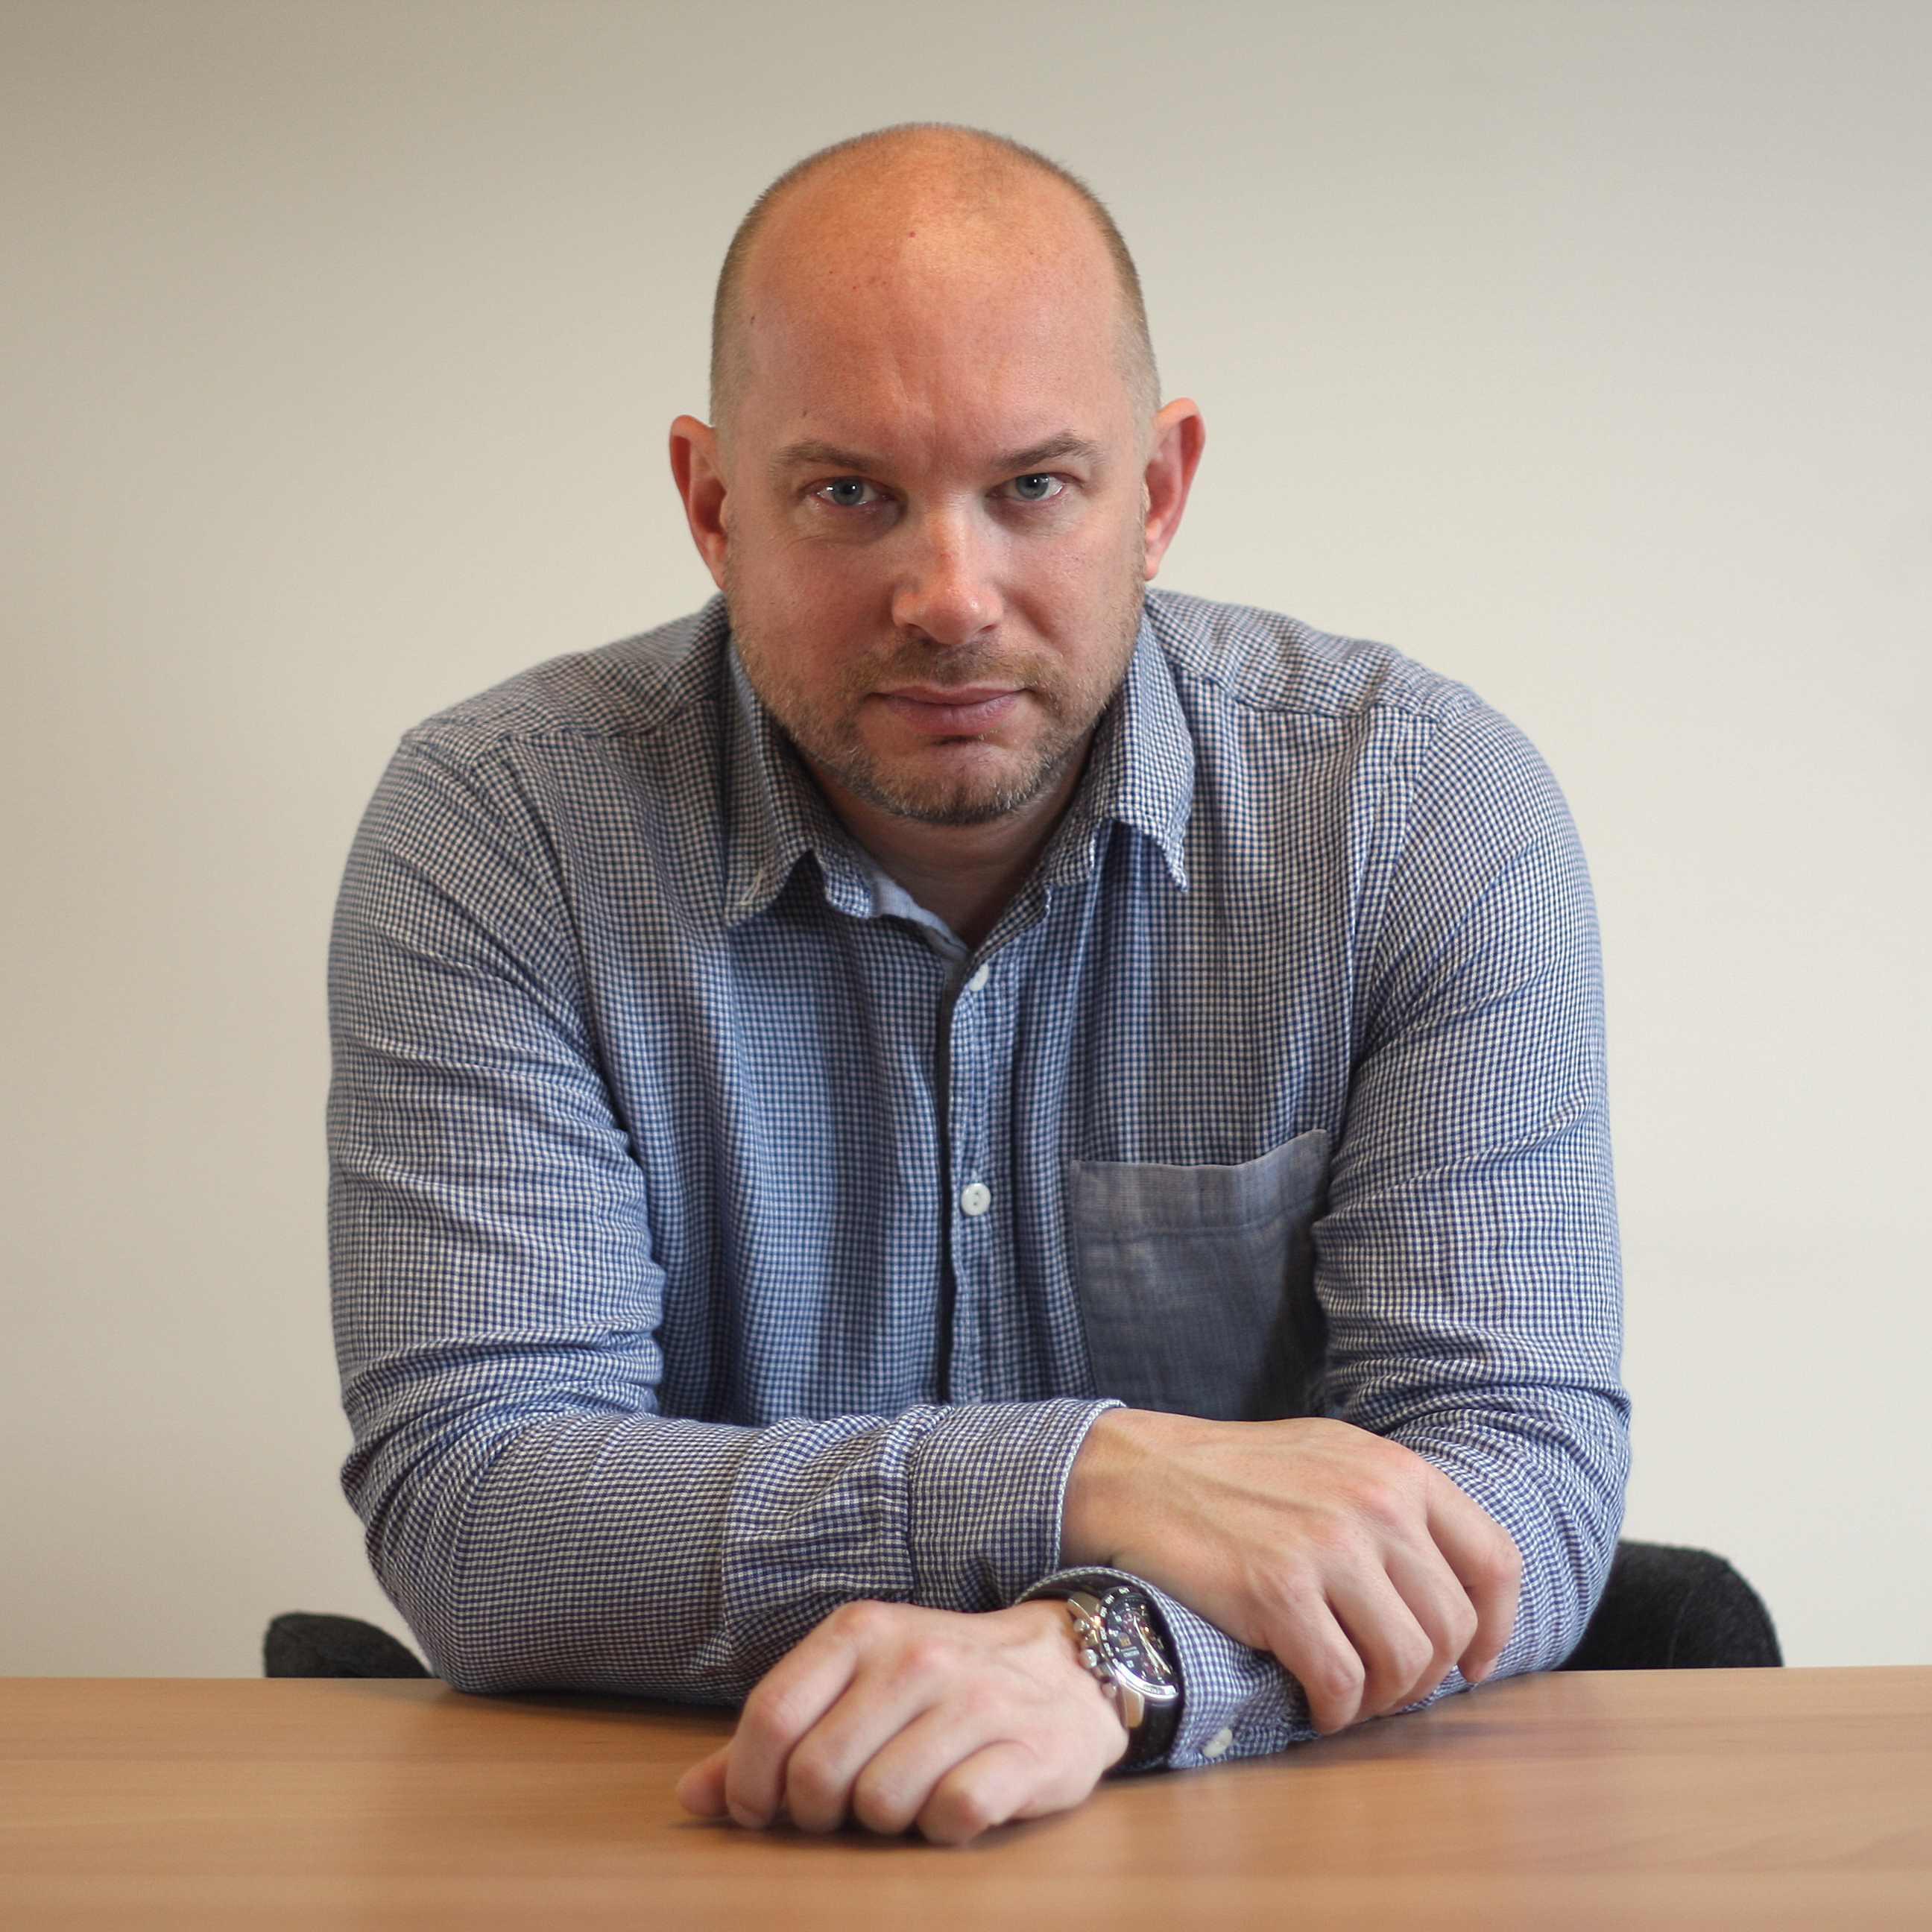 Speaking at Real Business Funding: Darren Westlake